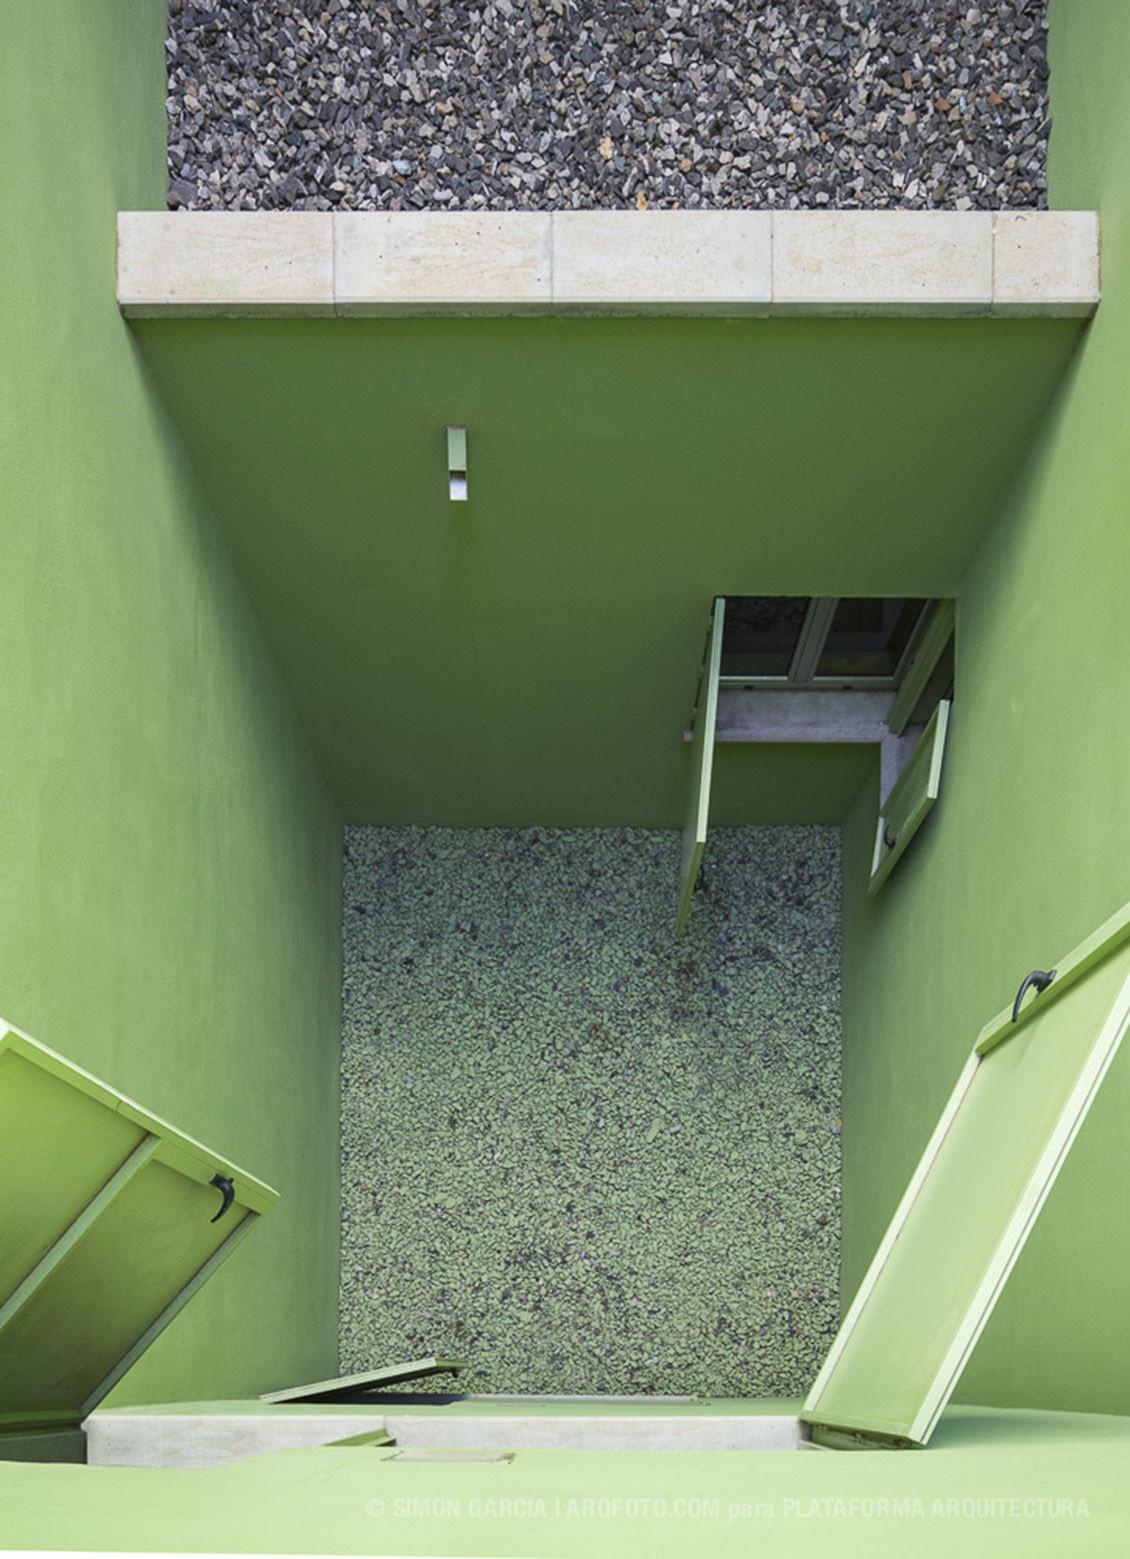 Galer a de 8 casas inscritas y tres patios romera y ruiz - Garcia ruiz arquitectos ...